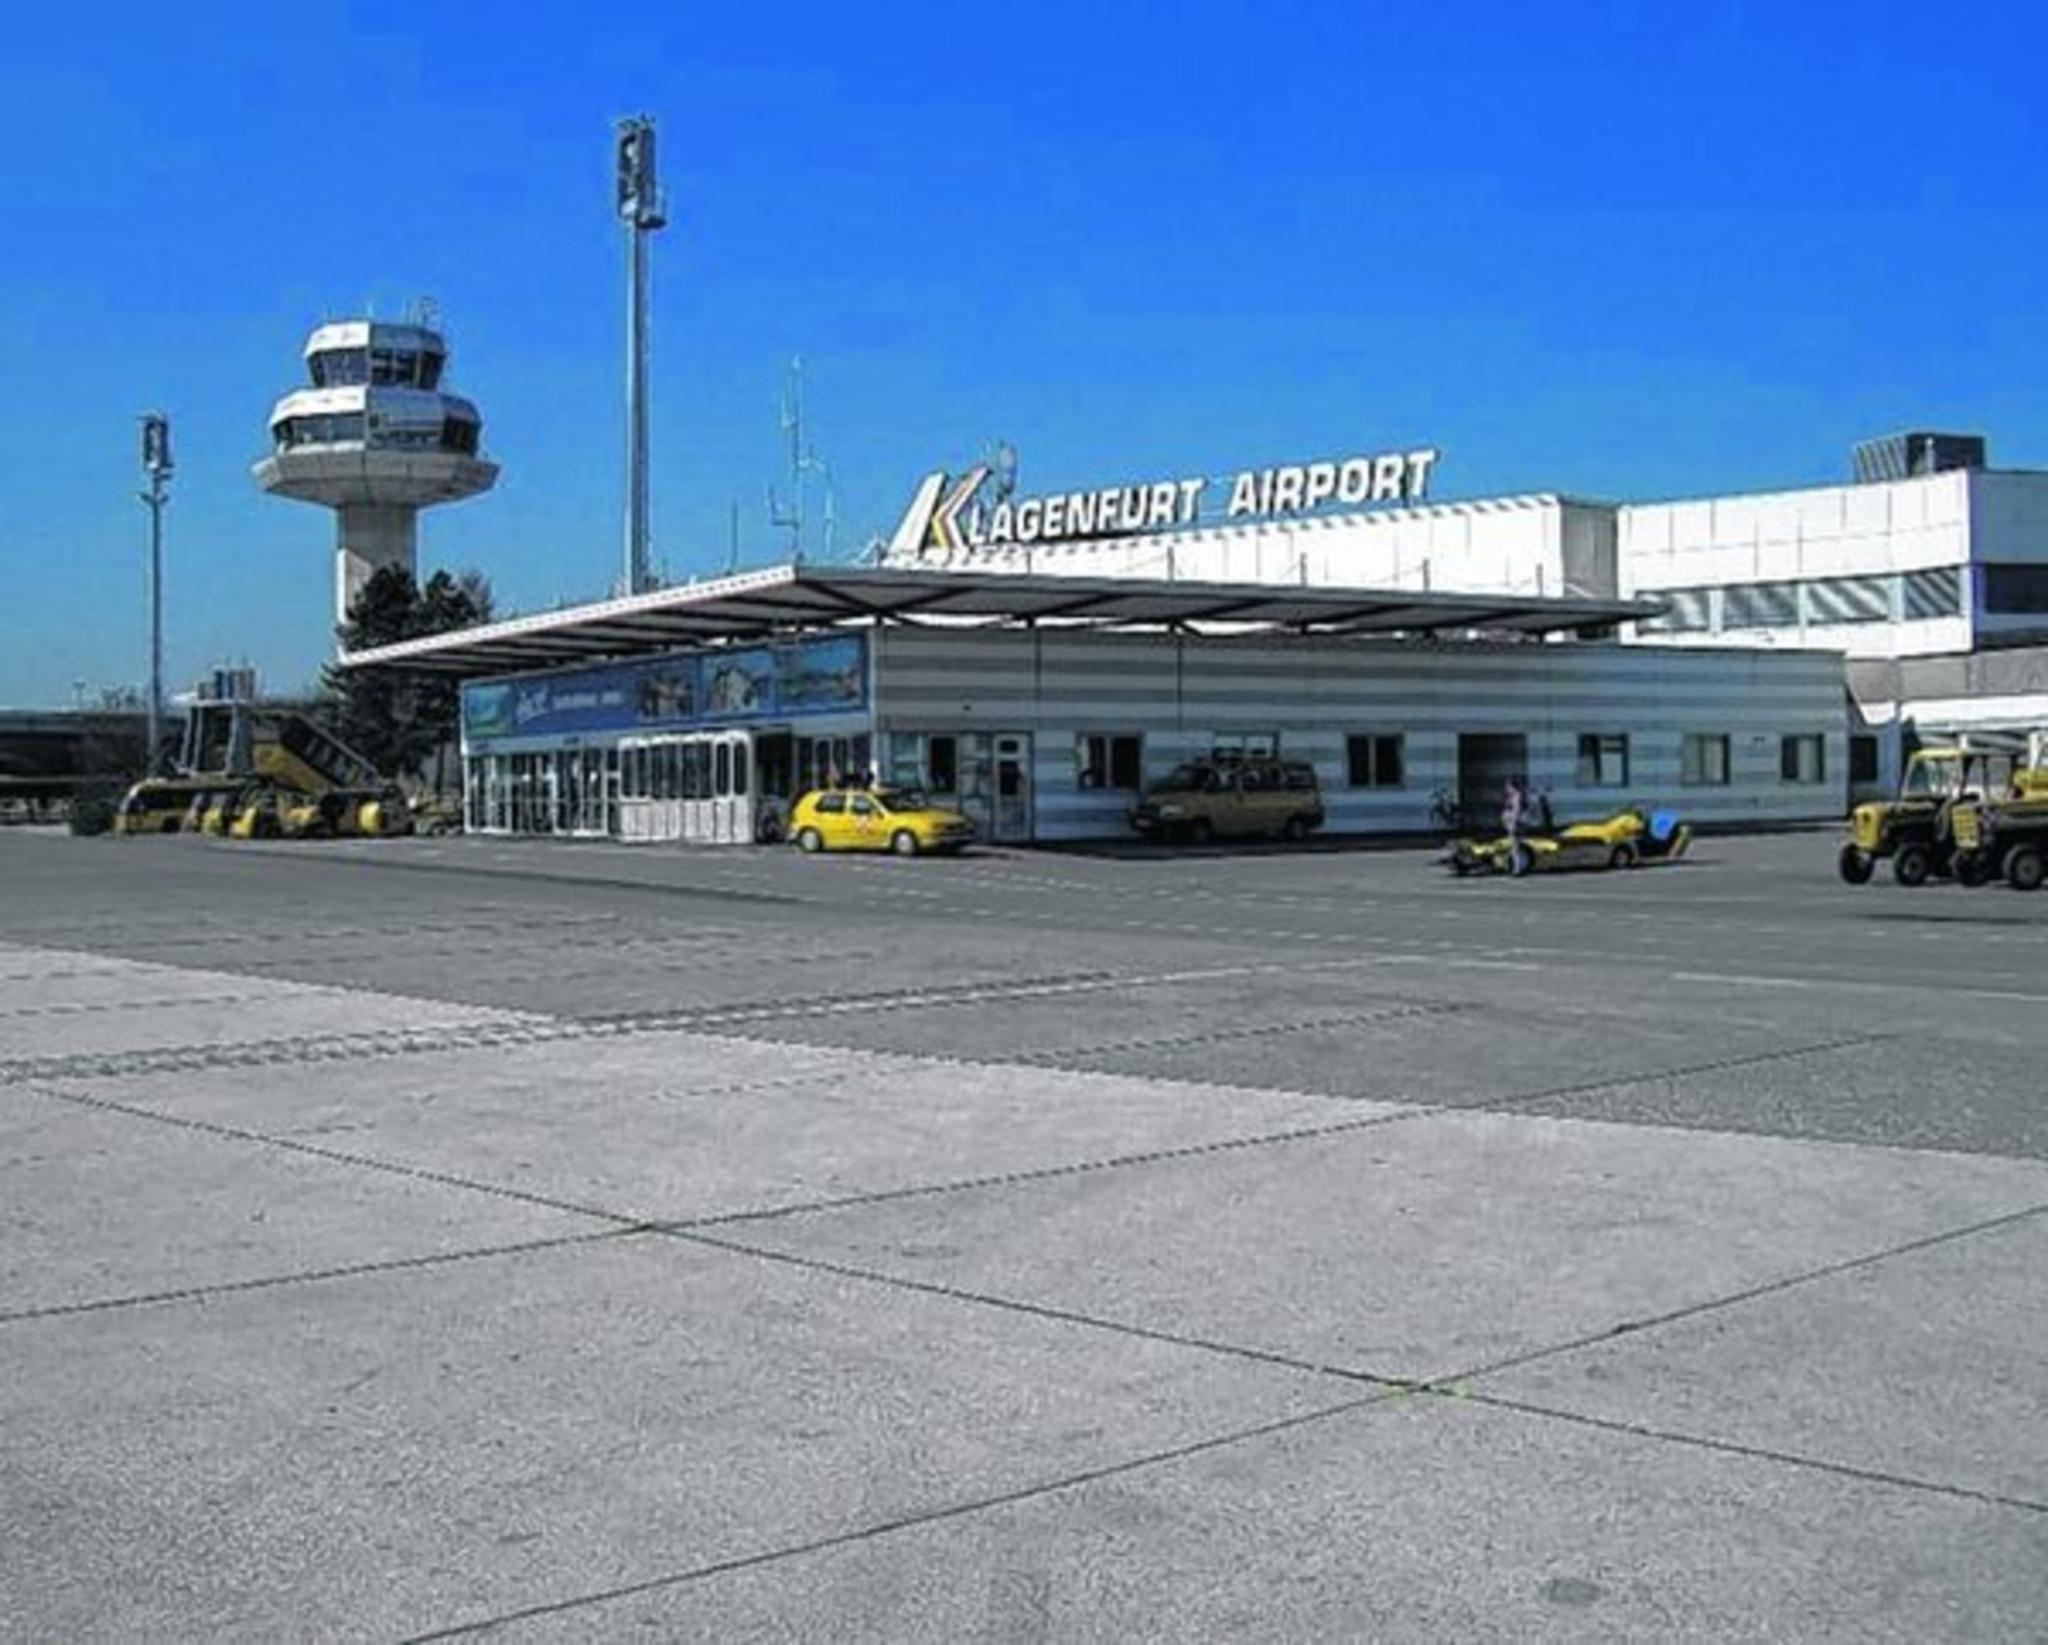 Airport Klagenfurt